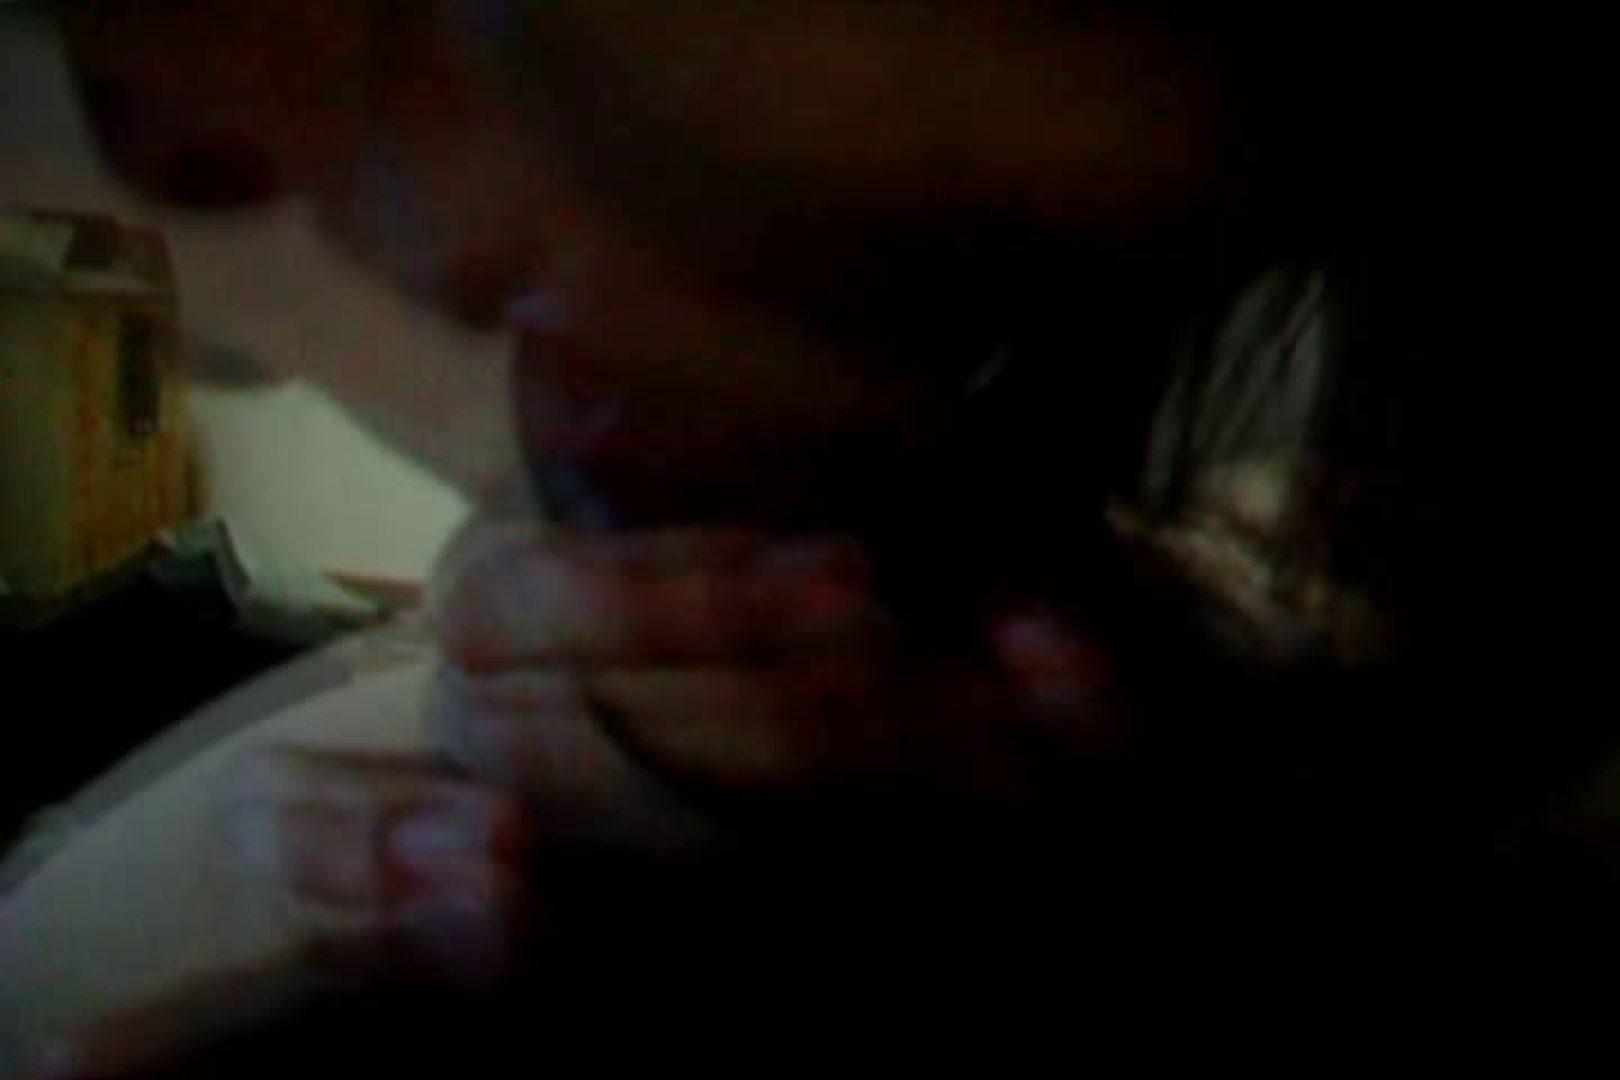 ウイルス流出 鹿児島県庁職員 中瀬瀬久成の流出ビデオ 独占盗撮 AV動画キャプチャ 95連発 70